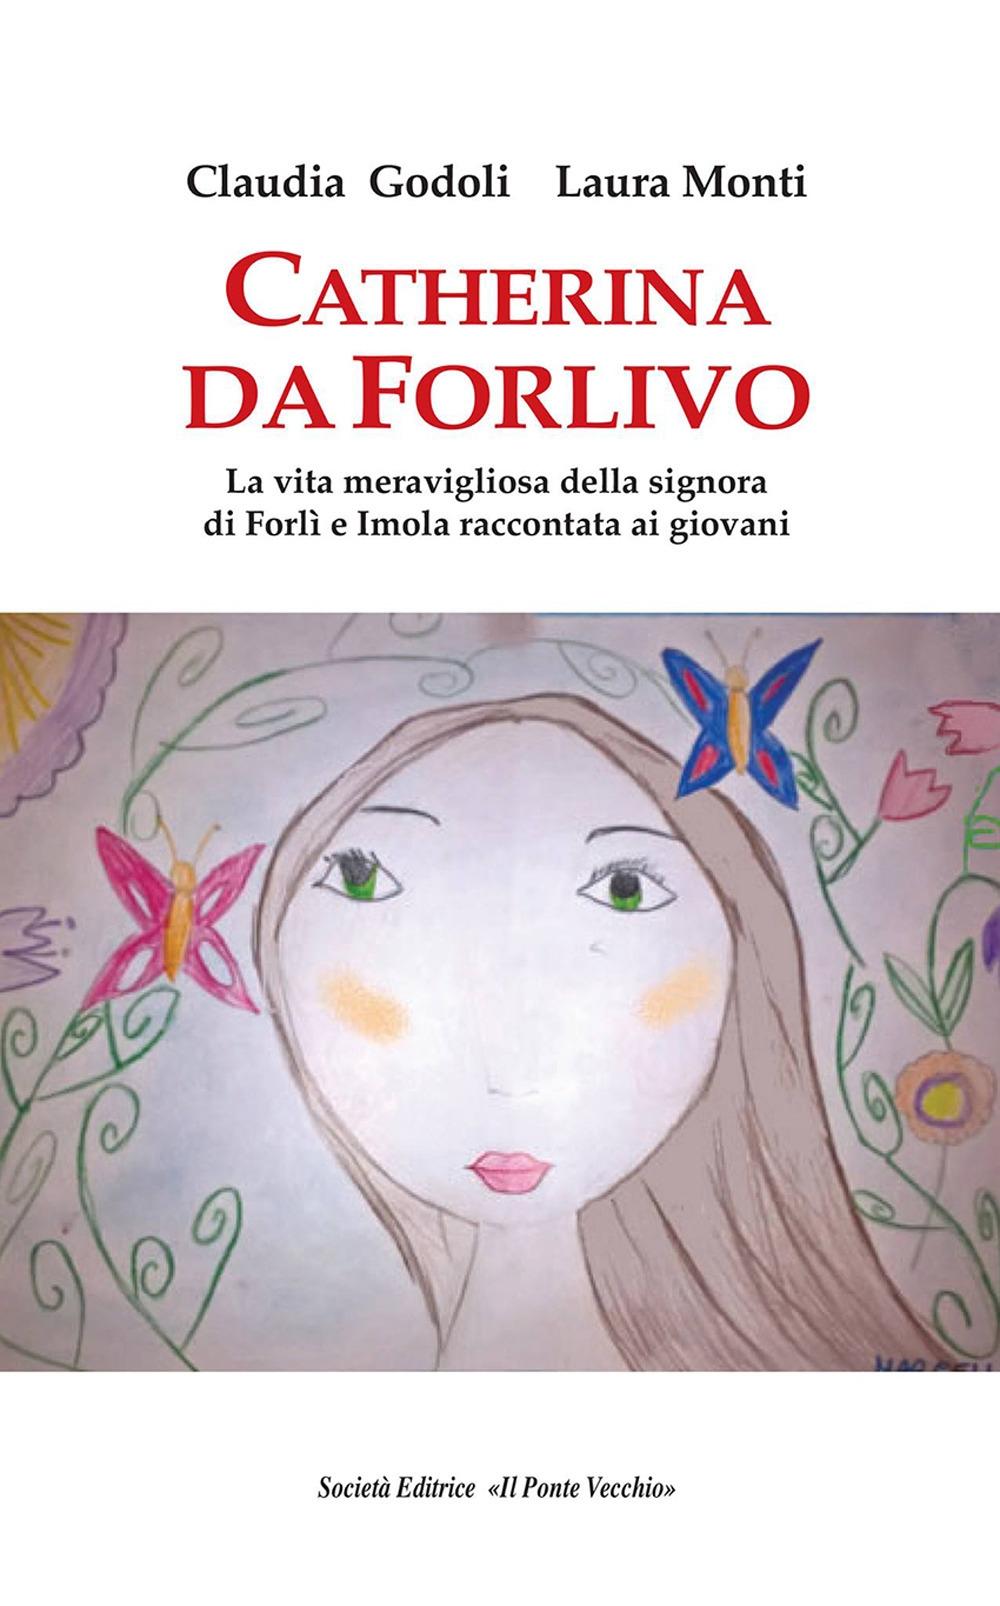 Catherina Da Forlivo. La Vita Meravigliosa della Signora di Forlì e Imola Raccontata ai Giovani.